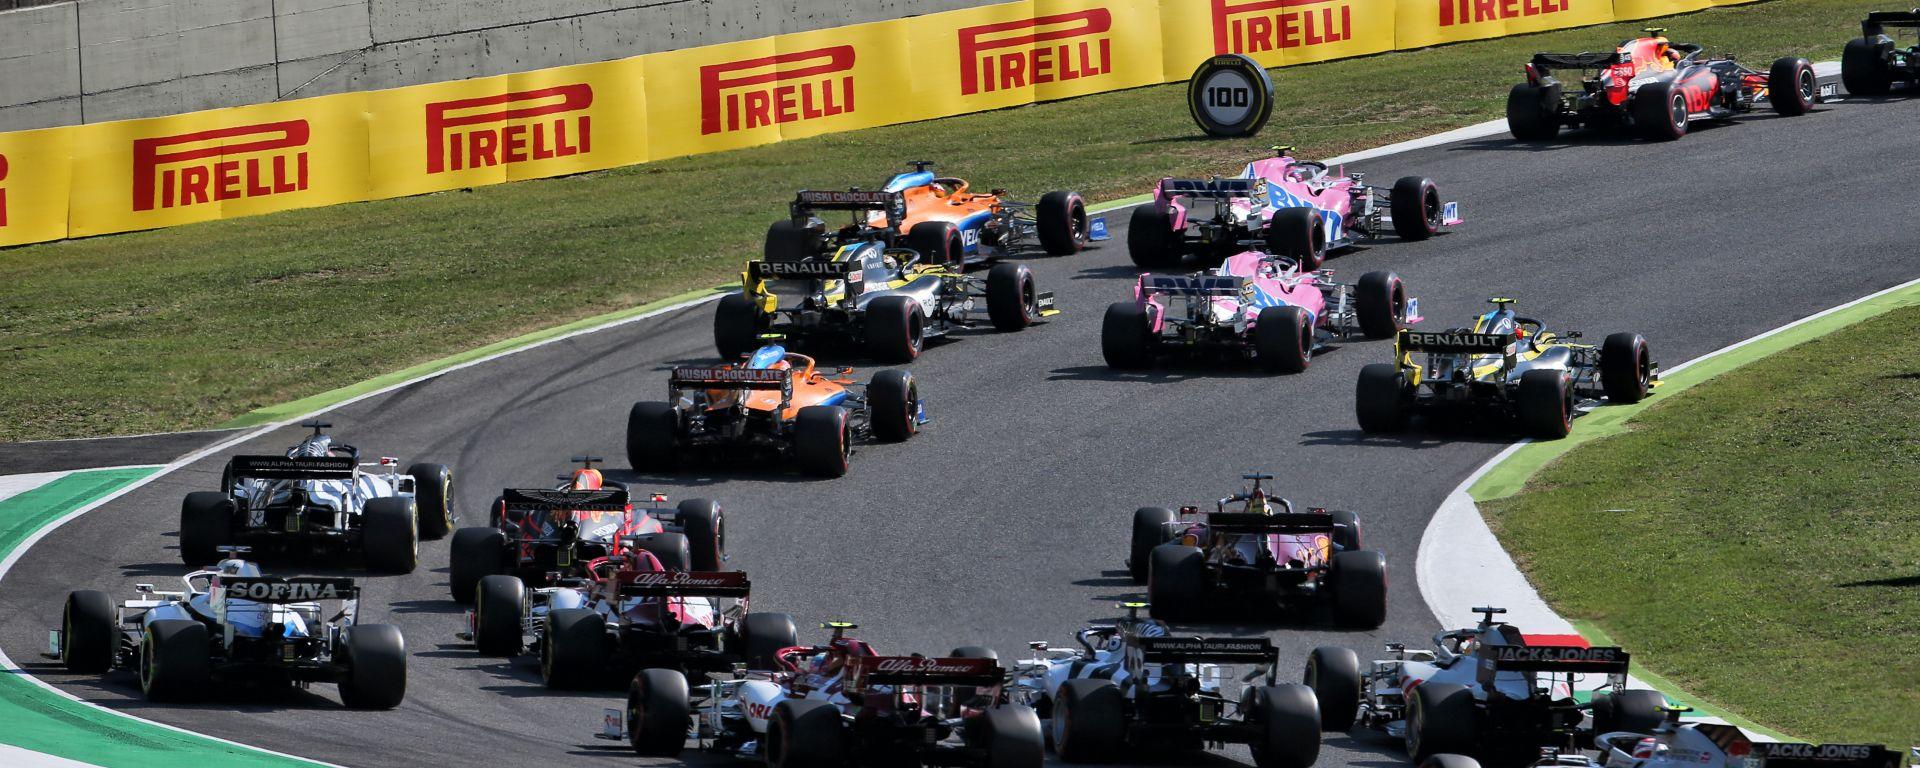 F1 GP Toscana Ferrari 1000, Mugello: la partenza della gara